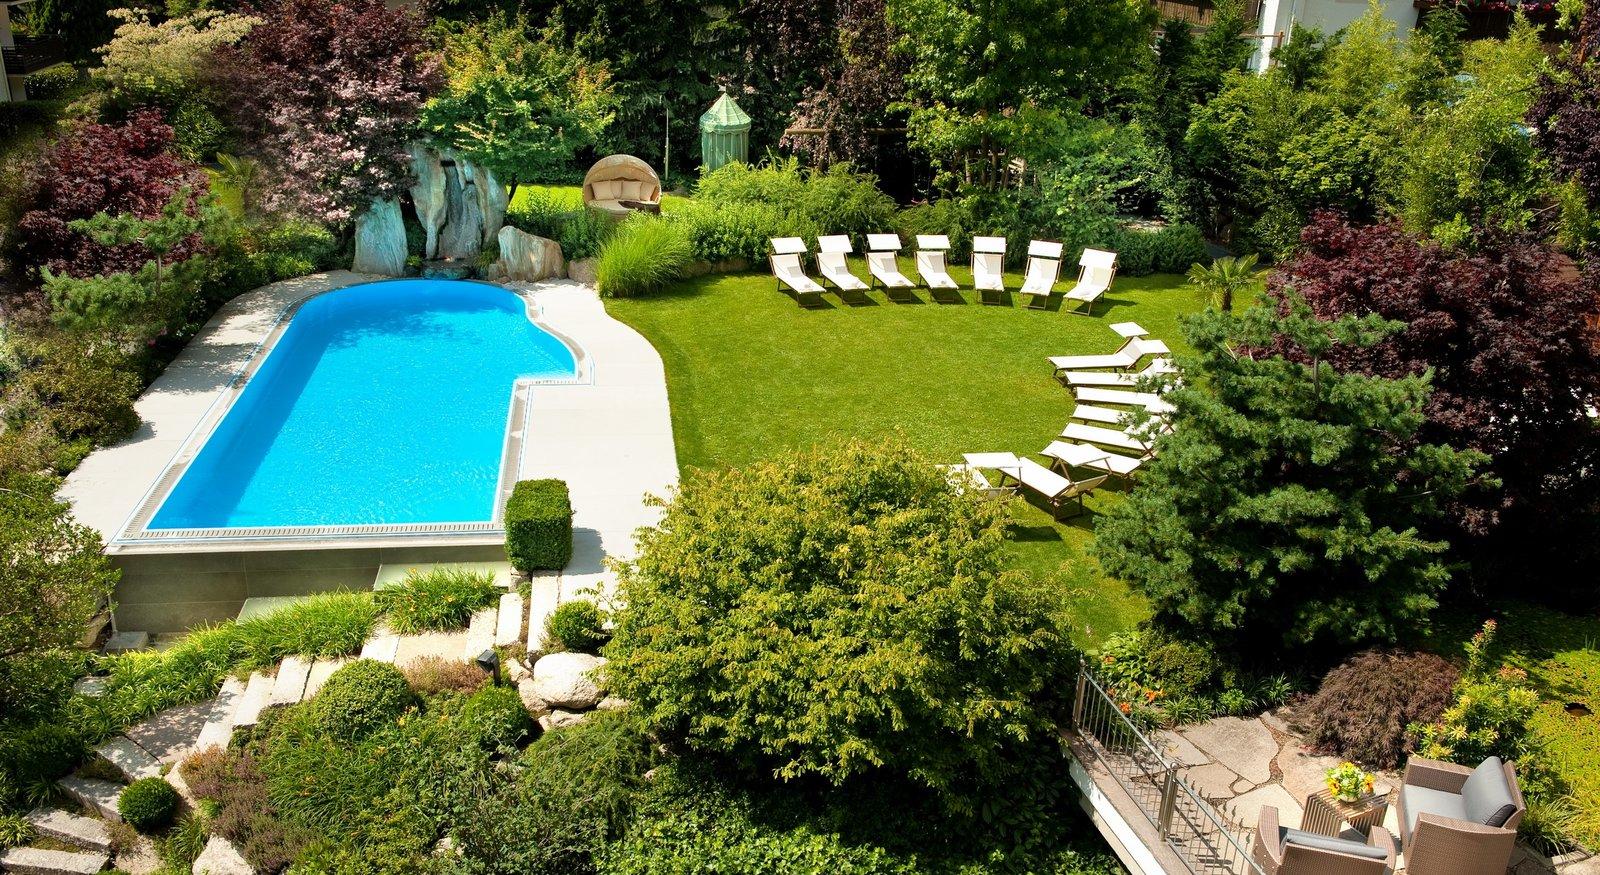 Hotel con piscina in val venosta hotel anderlahn parcines - Piscina in giardino ...